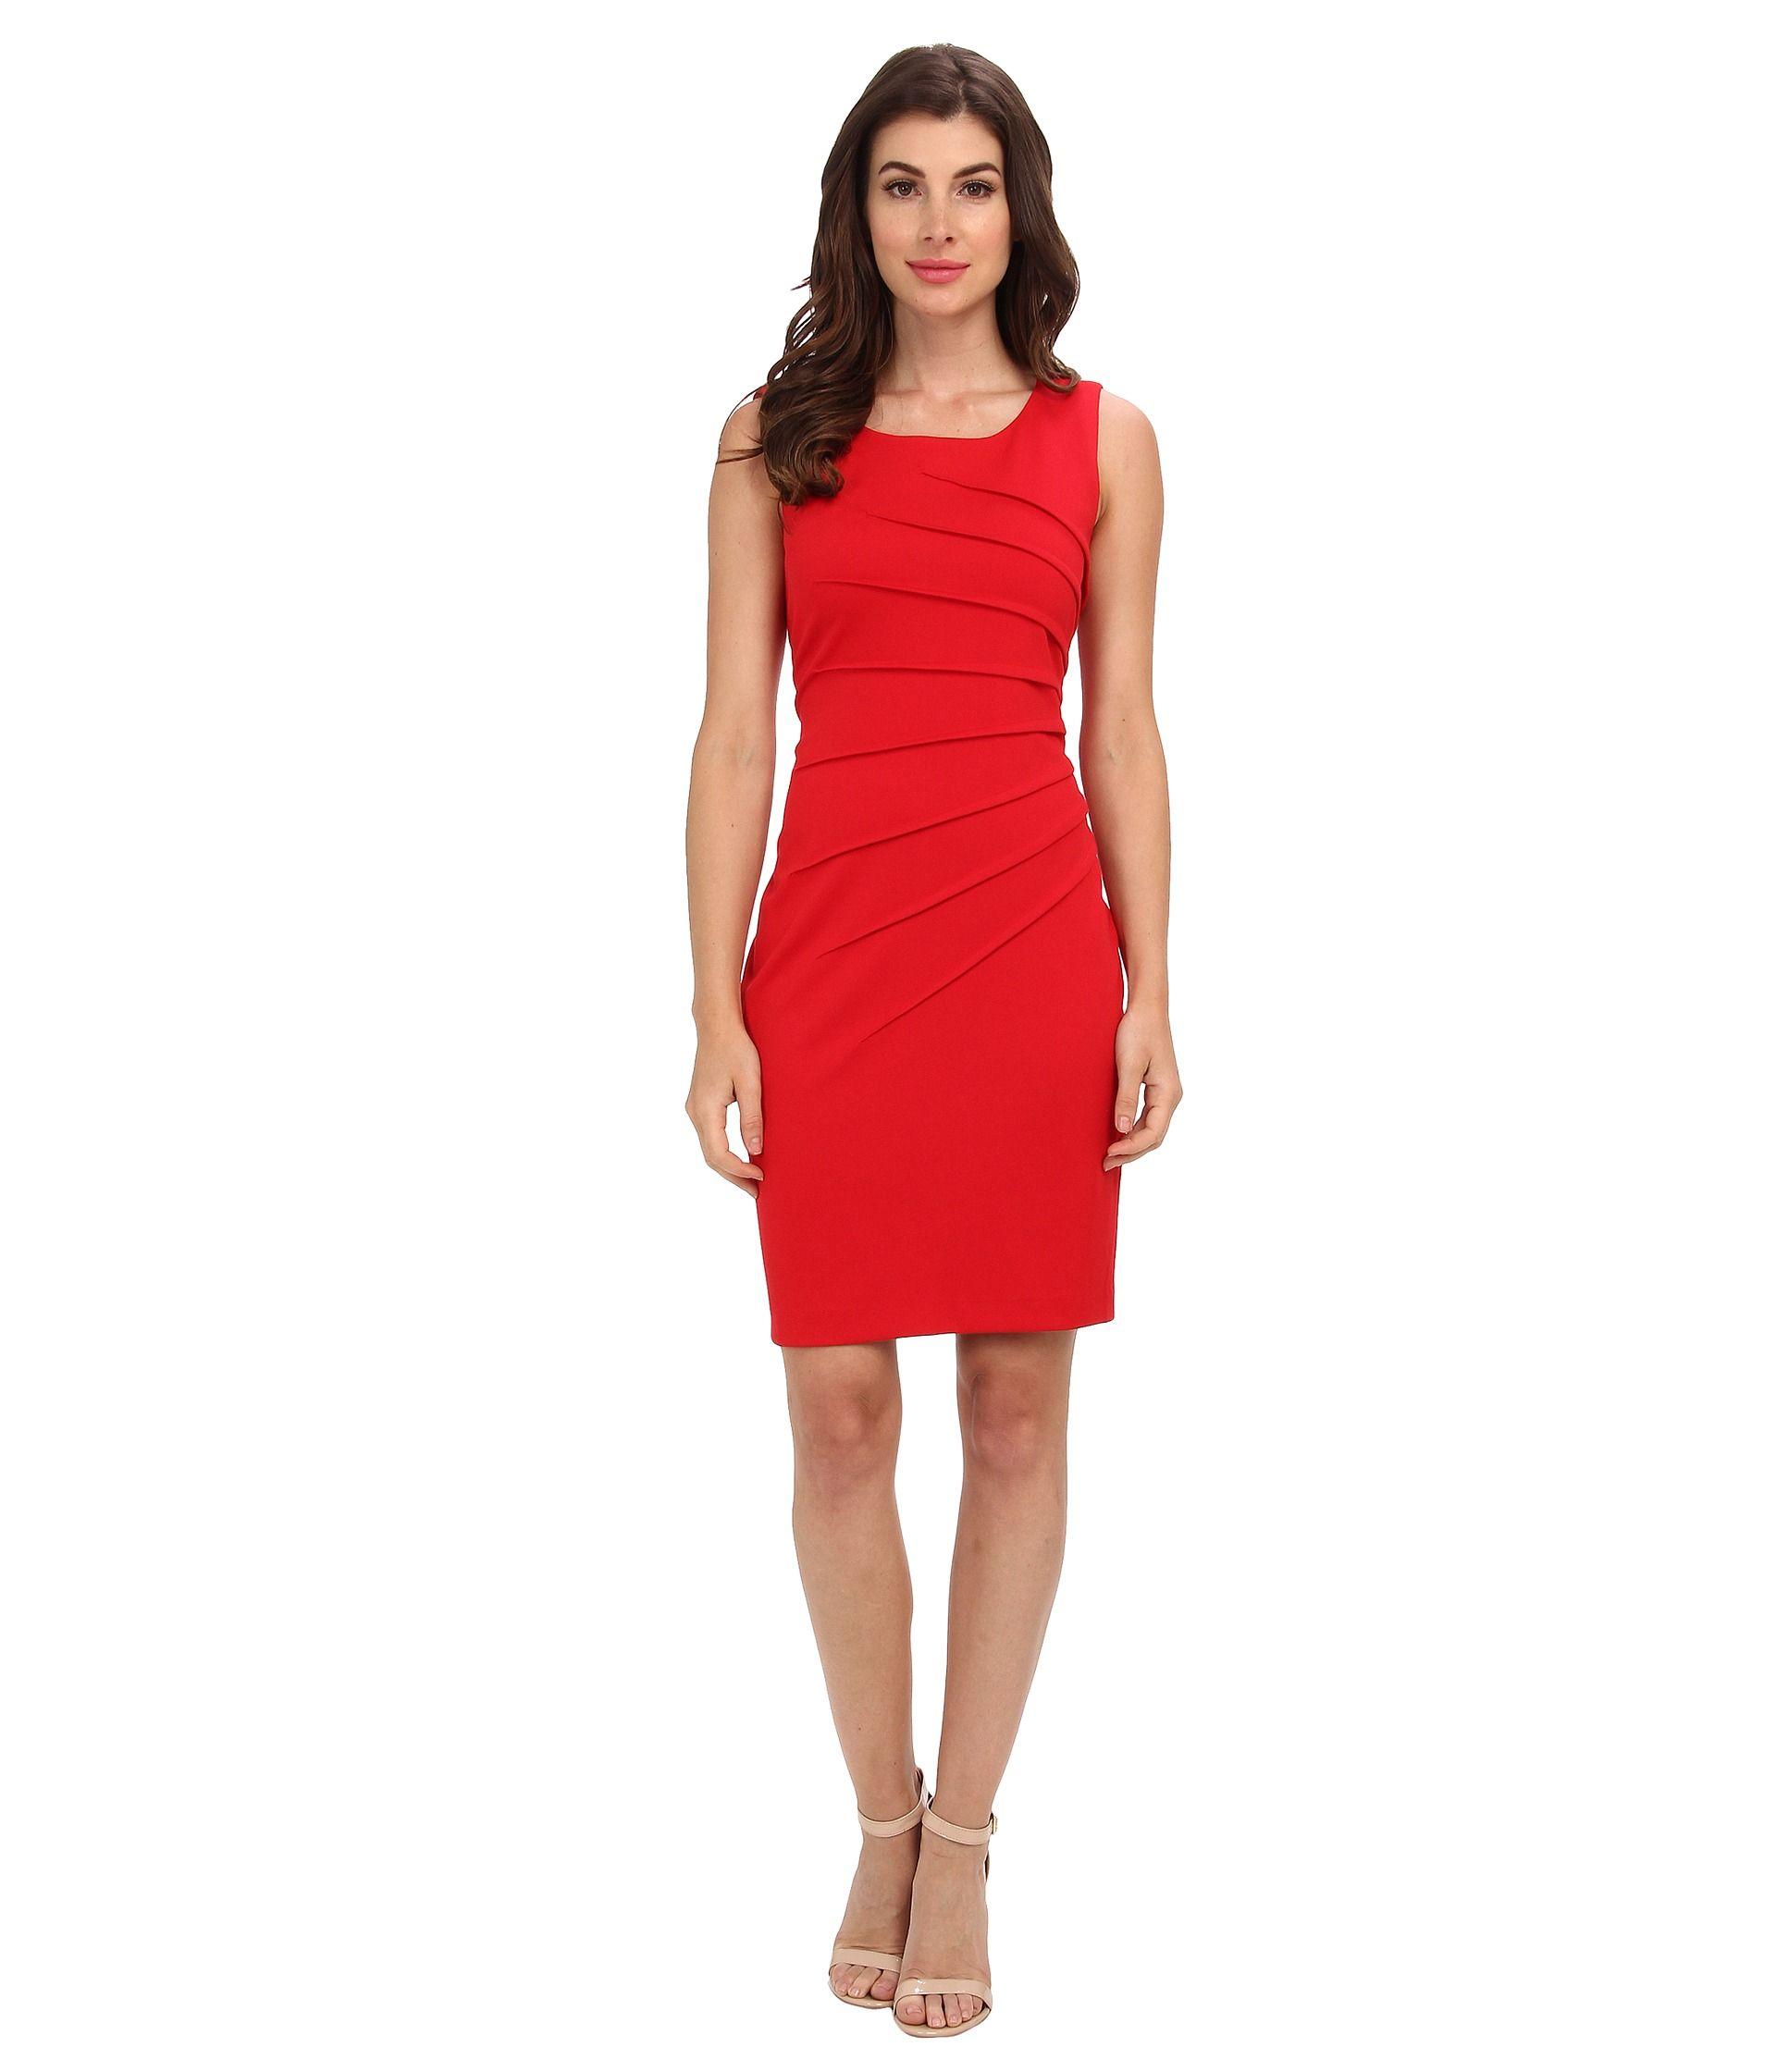 Image Result For Calvin Klein Red Dress Starburst Dressy Short Dresses Dresses Cocktail Evening Dresses